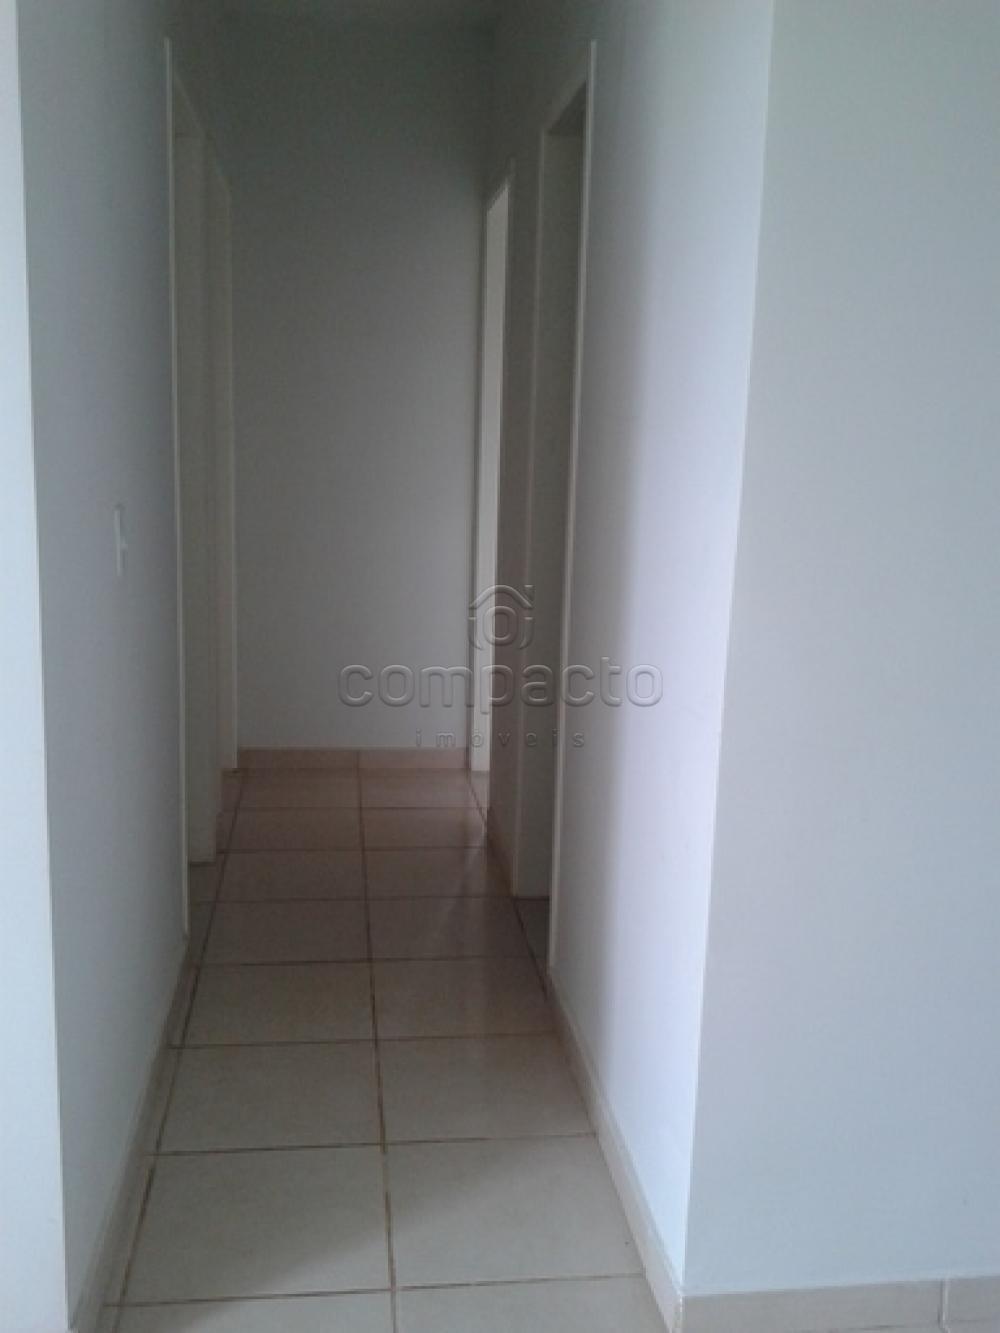 Alugar Apartamento / Padrão em São Carlos apenas R$ 1.060,00 - Foto 17